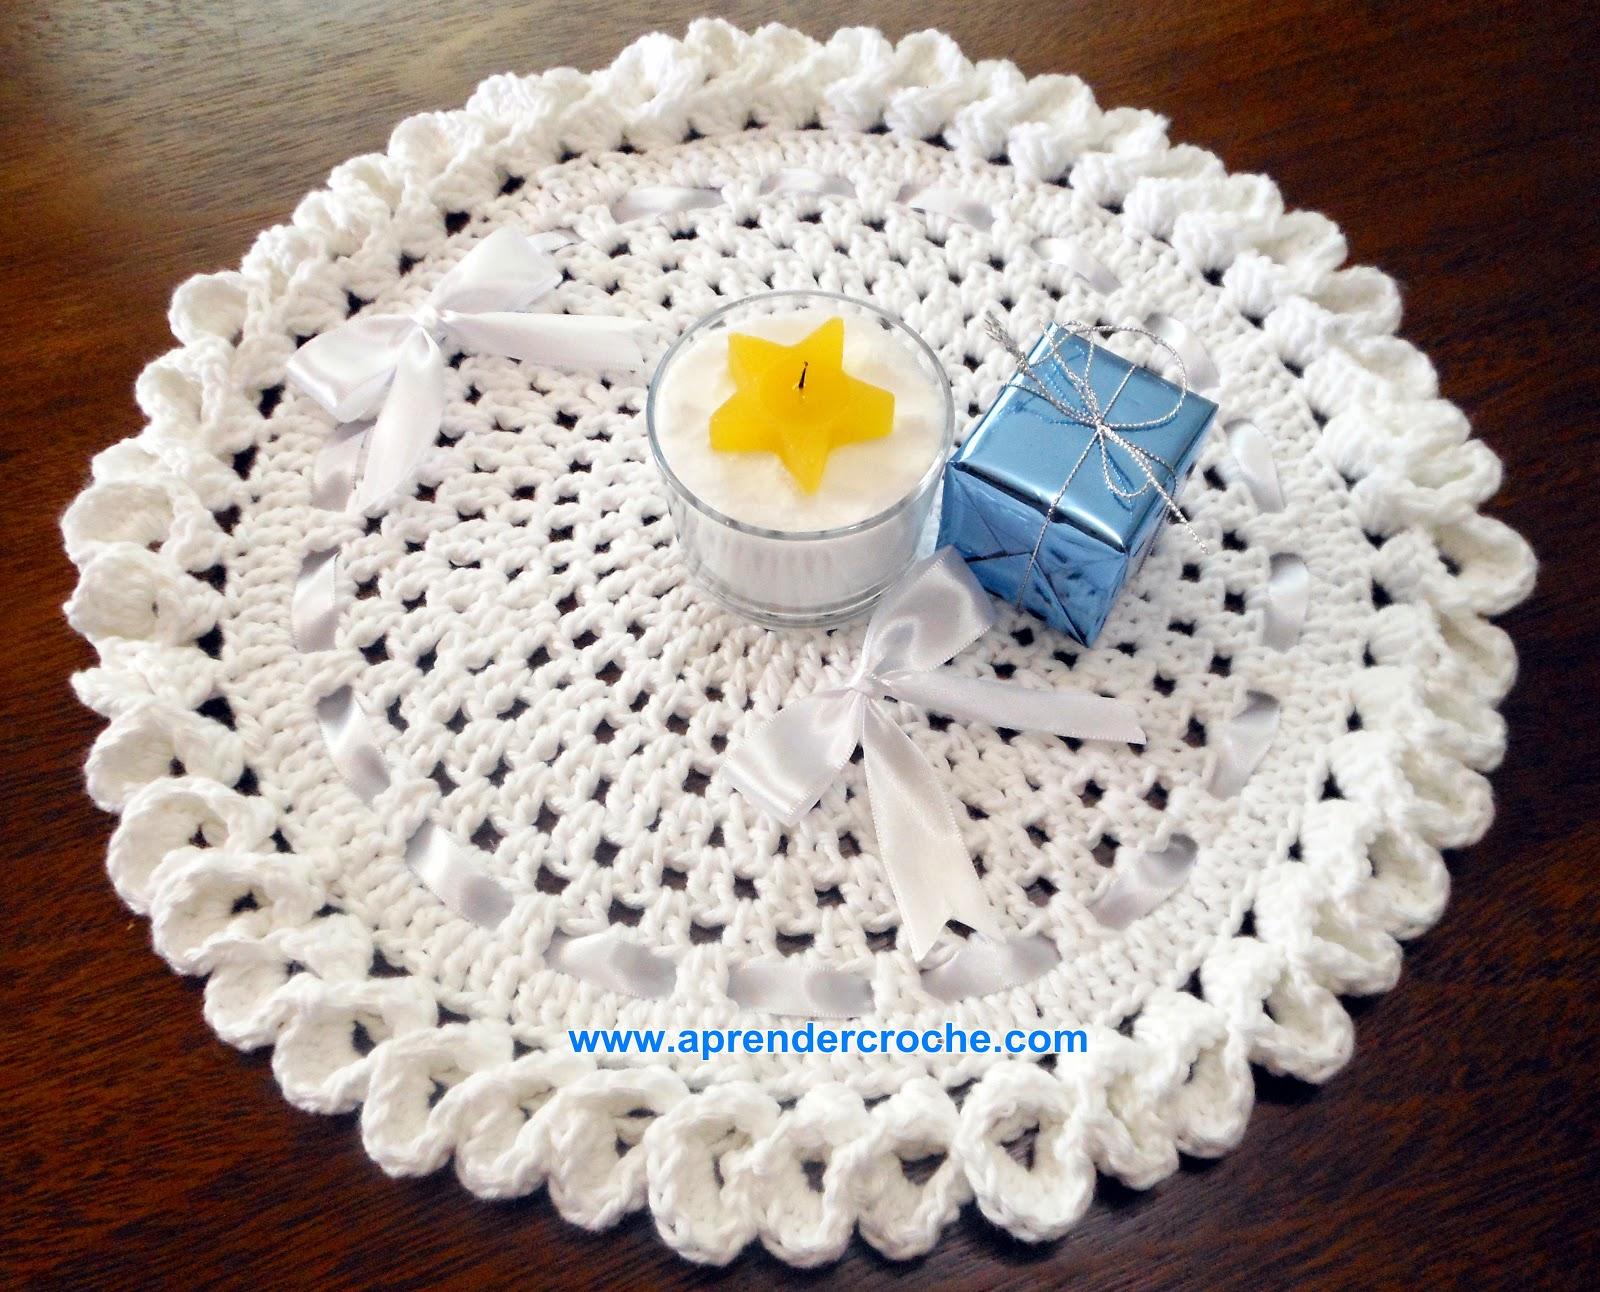 aprender croche americanos réveillon branco mesa copos xicaras toalhas barroco maxcolor edinir-croche dvd loja